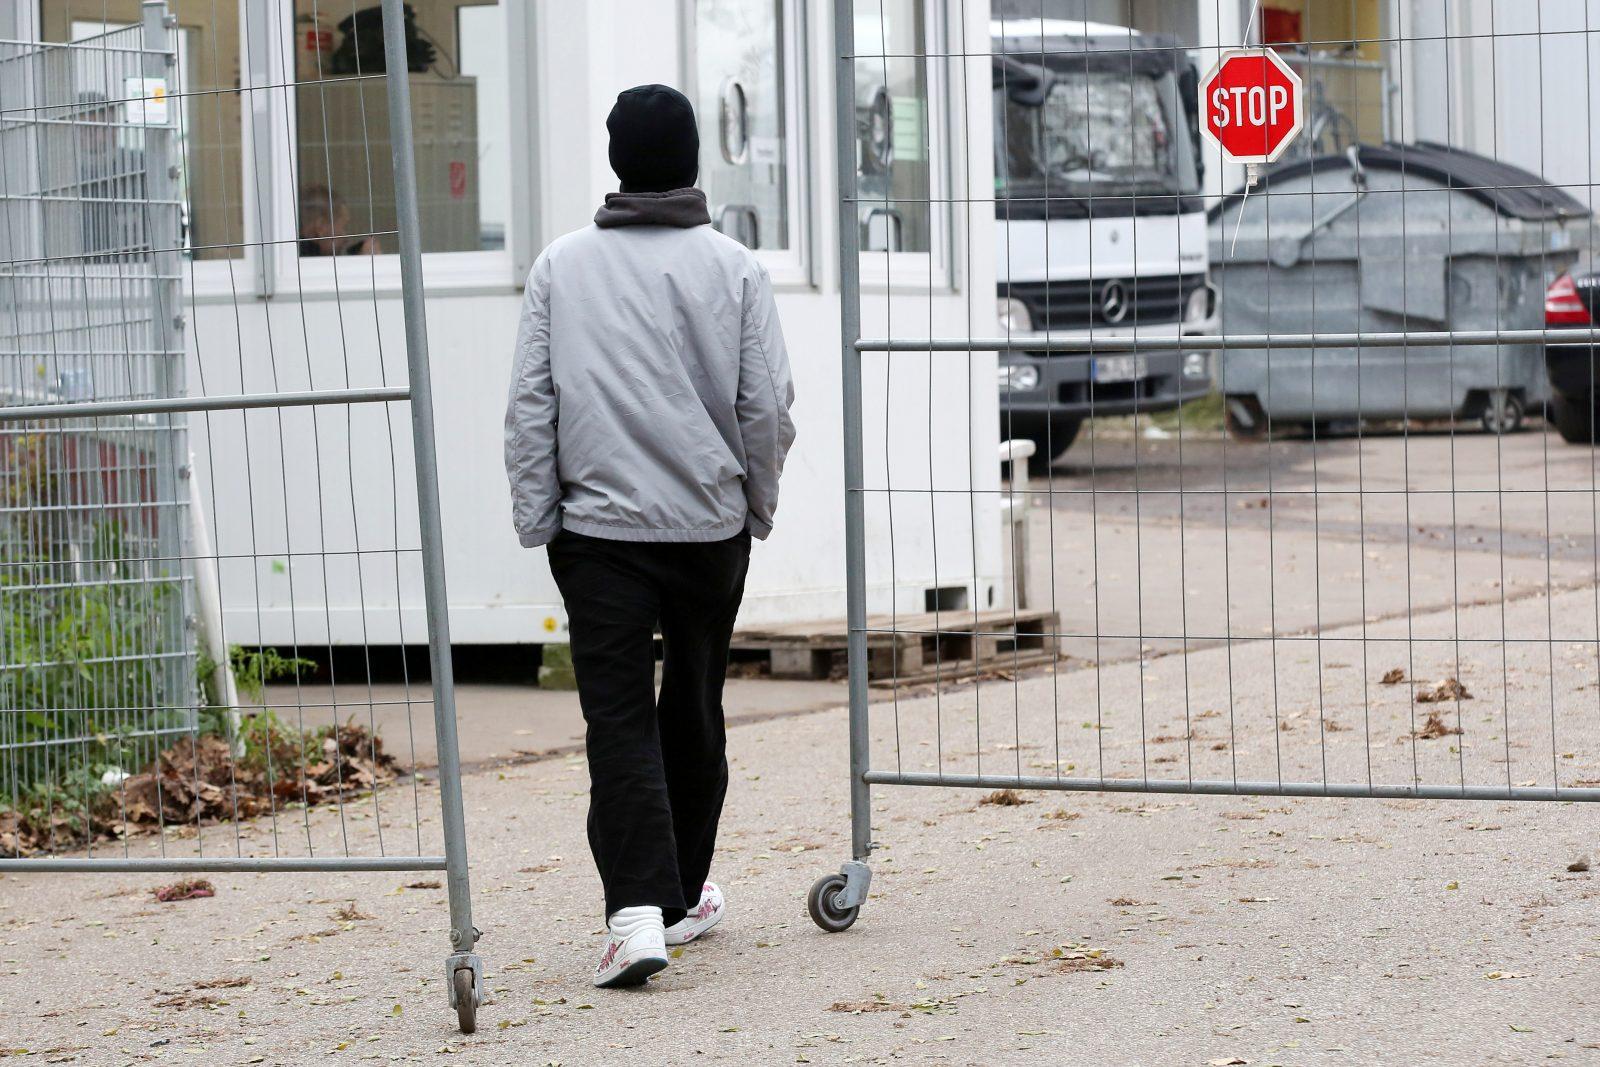 Flüchtlingsunterkunft in Hamburg: Die bisherige Abschiebepraxis ist laut Urteil des Oberverwaltungsgerichts illegal (Archivbild) Foto: (c) dpa